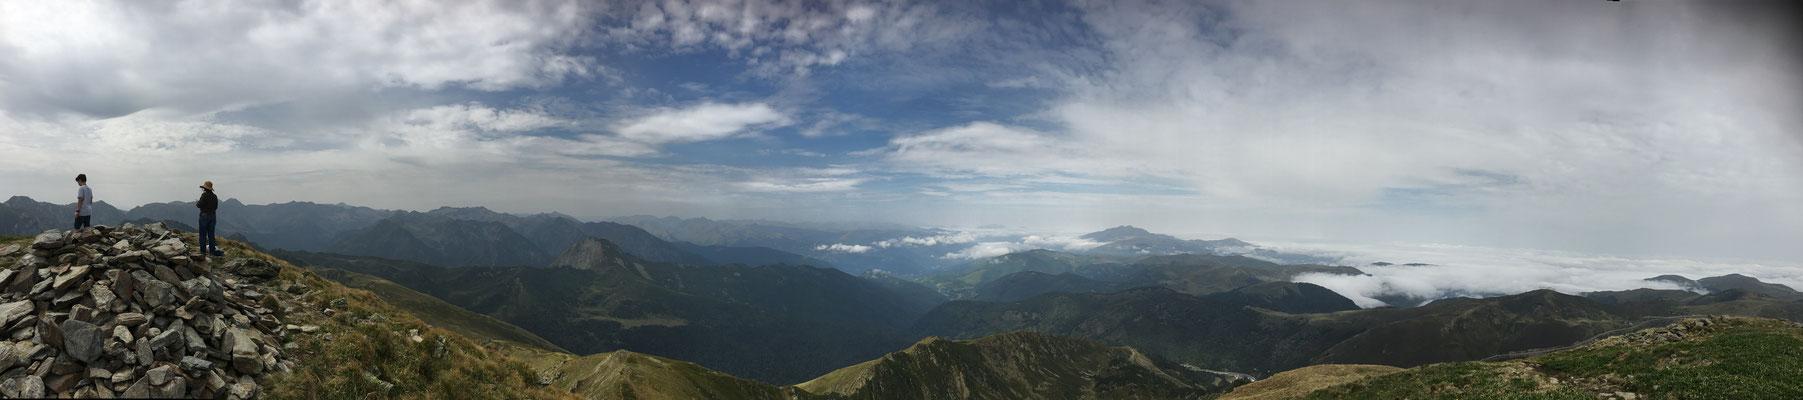 Pano montagne 2